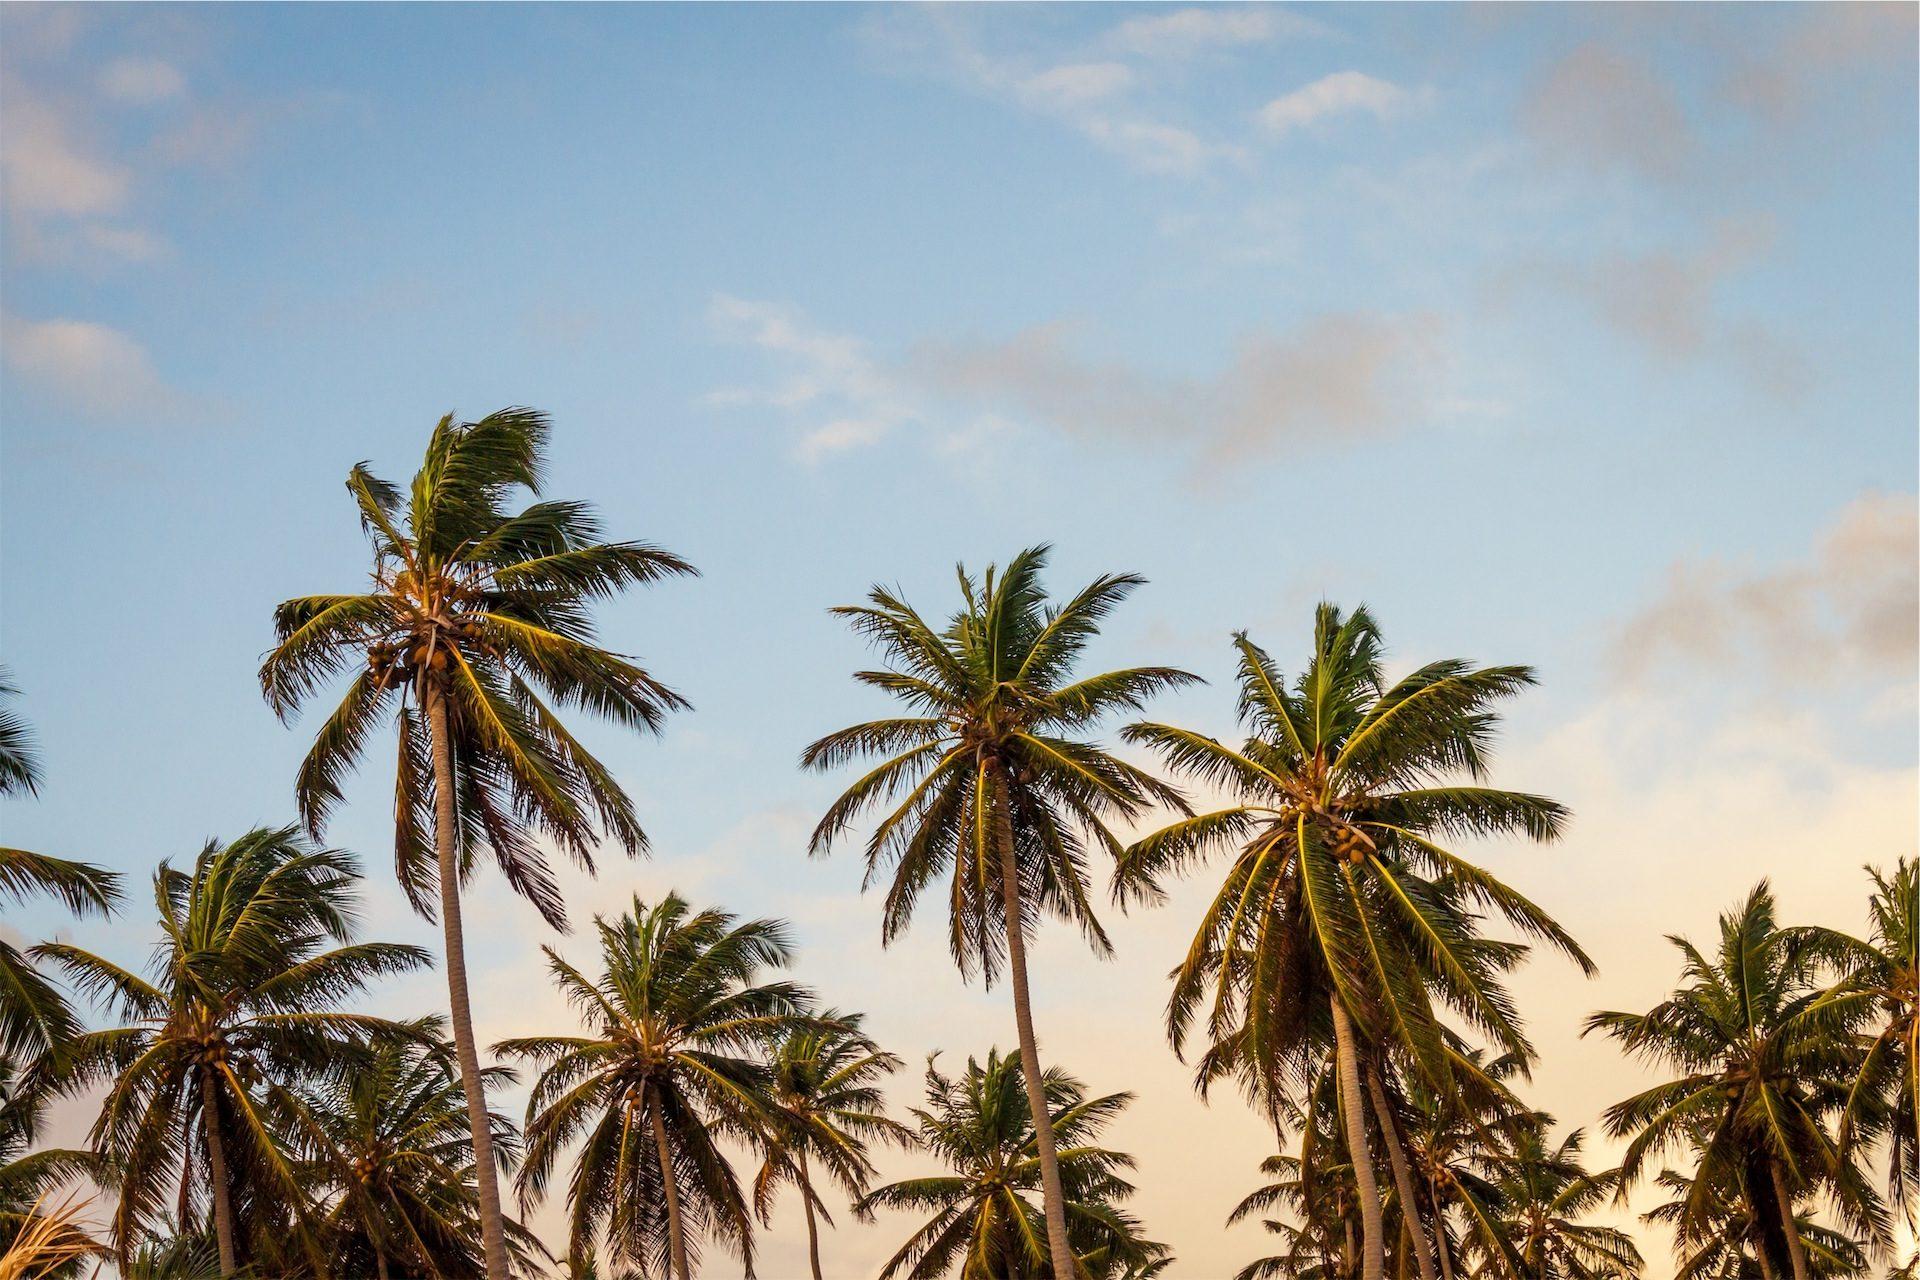 棕榈树, 绿洲, 天空, 云彩, 放松 - 高清壁纸 - 教授-falken.com